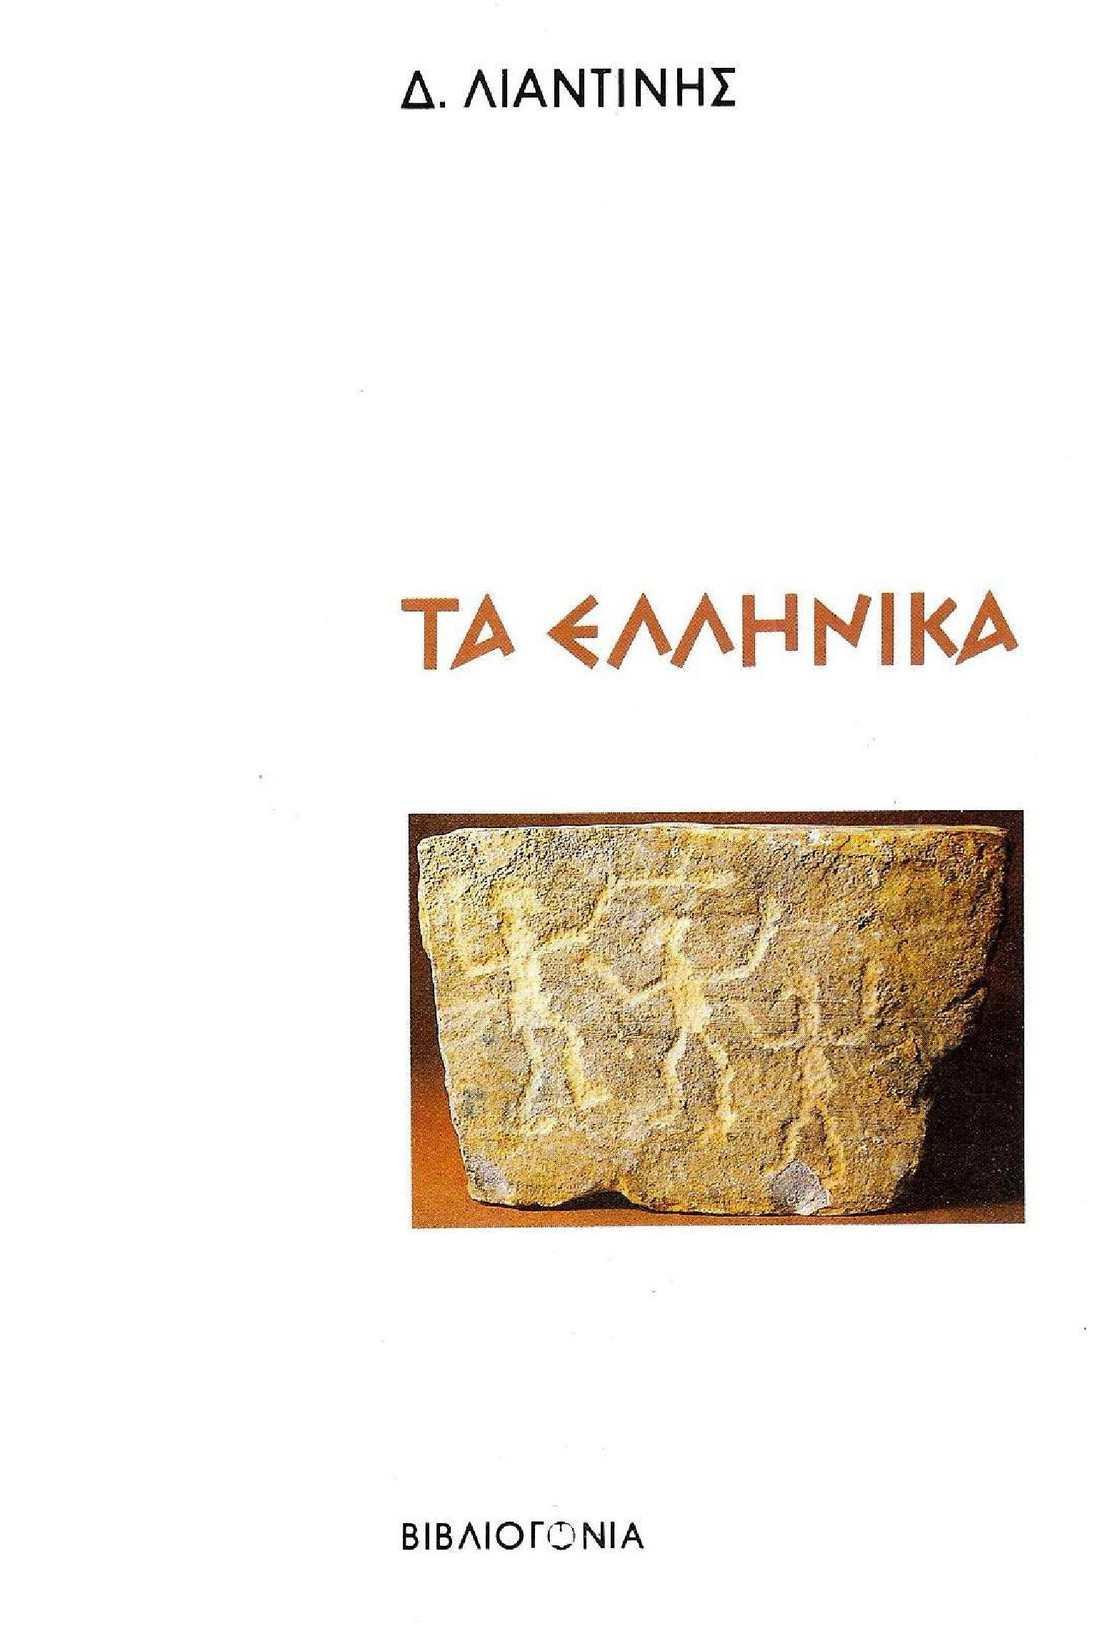 Λιαντίνης Δ, Τα Ελληνικά